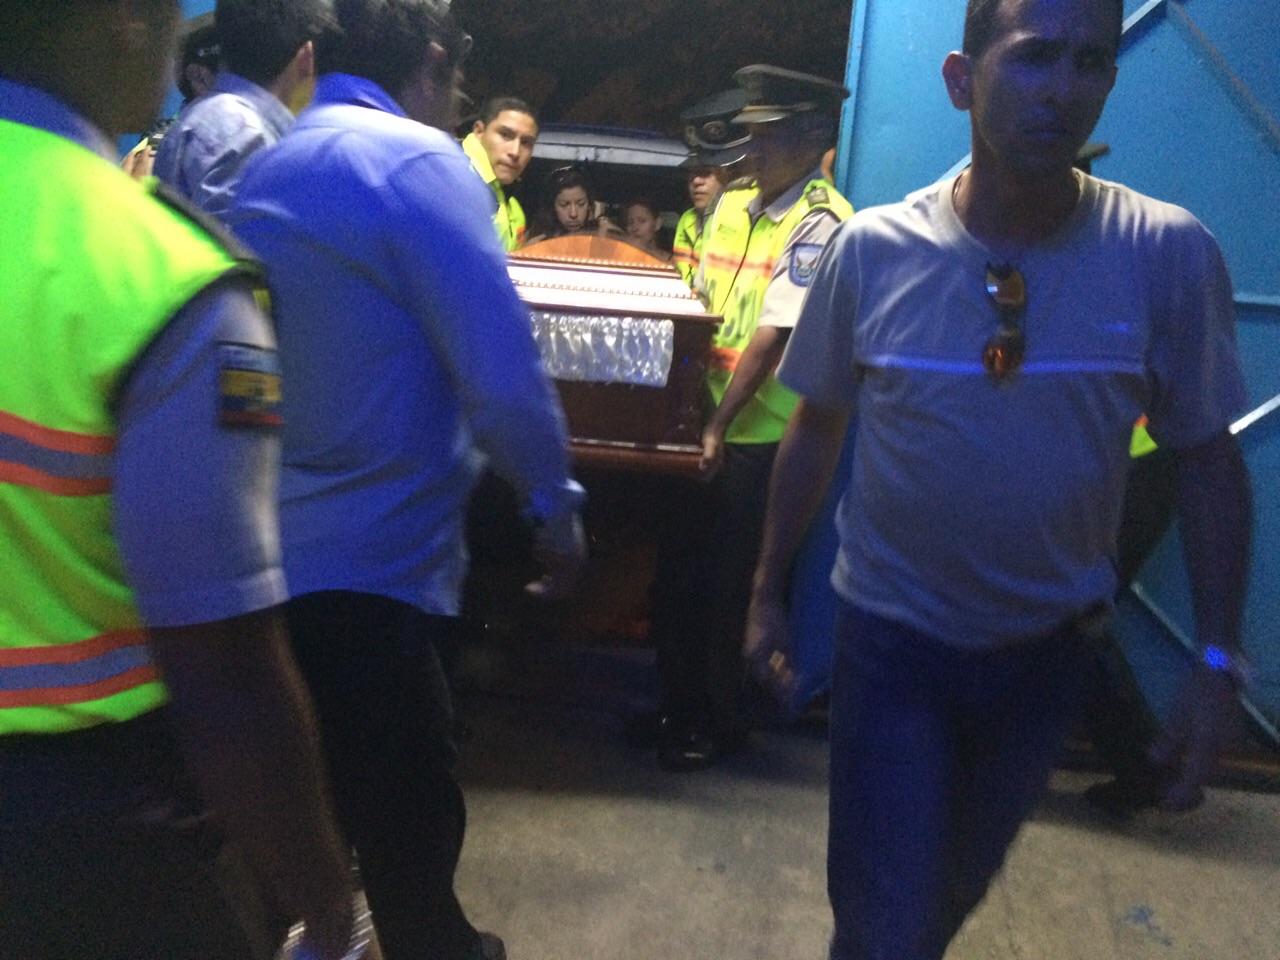 Arribo del ataúd con los restos de Sharon 'La Hechicera' al Coliseo Cerrado, en Guayaquil. (La República EC / Julián Ceballos)